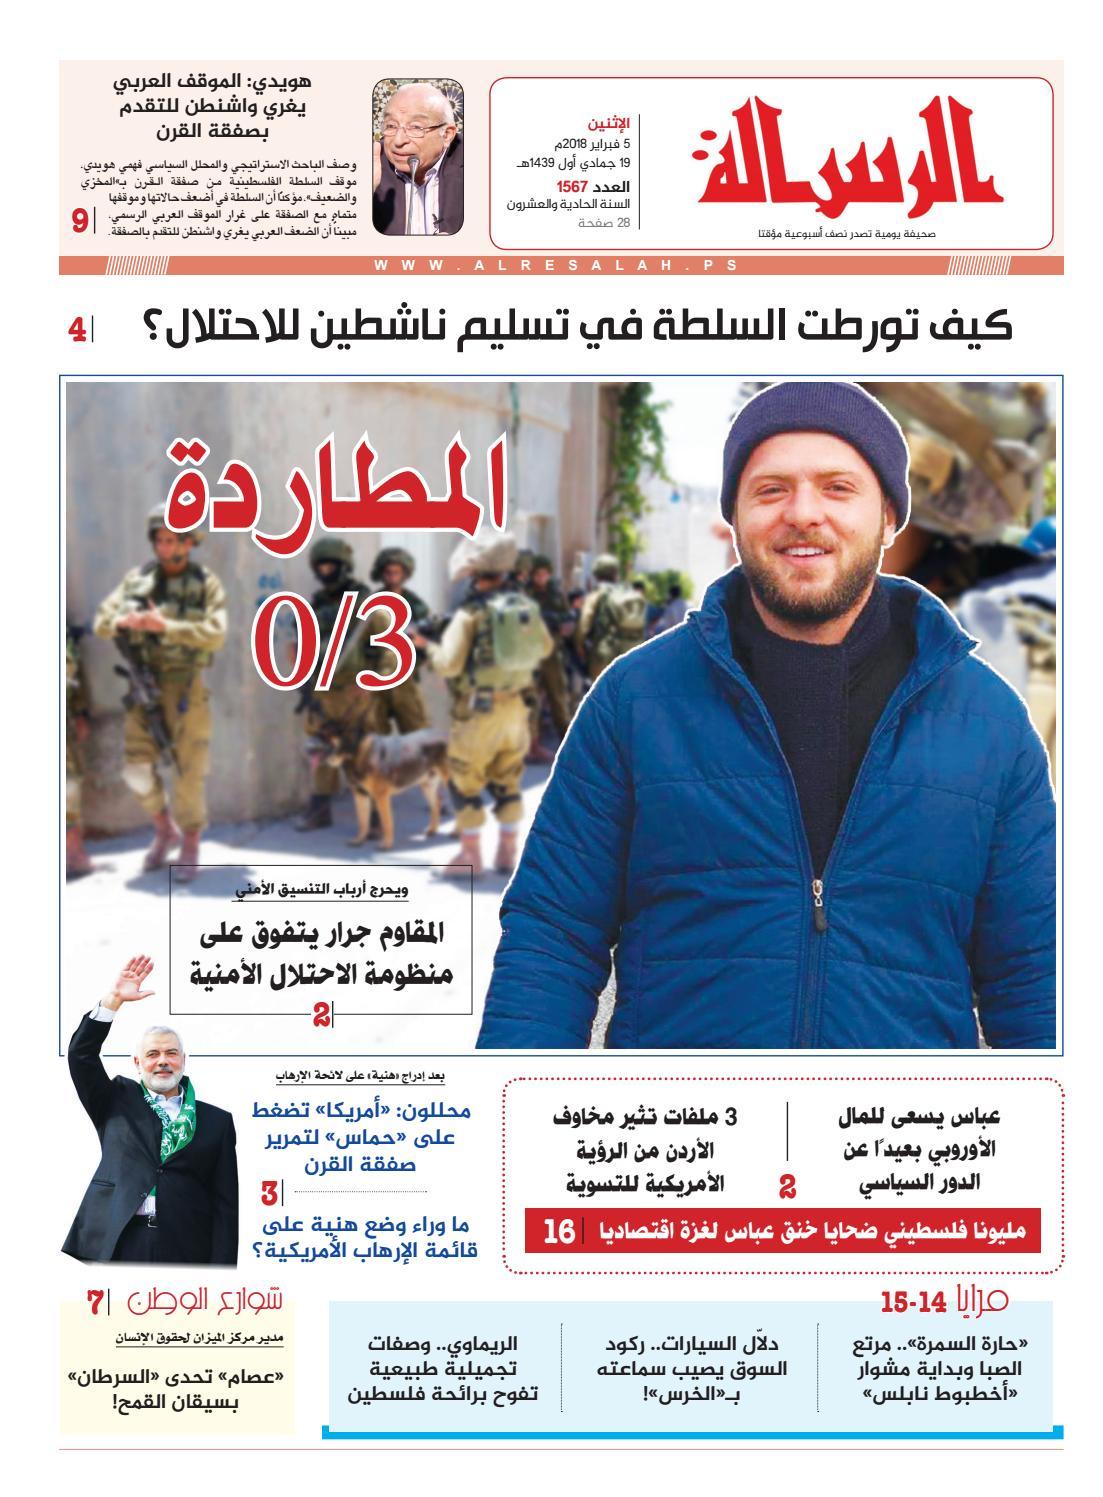 c8c33b46edef7 1567 by صحيفة الرسالة - issuu